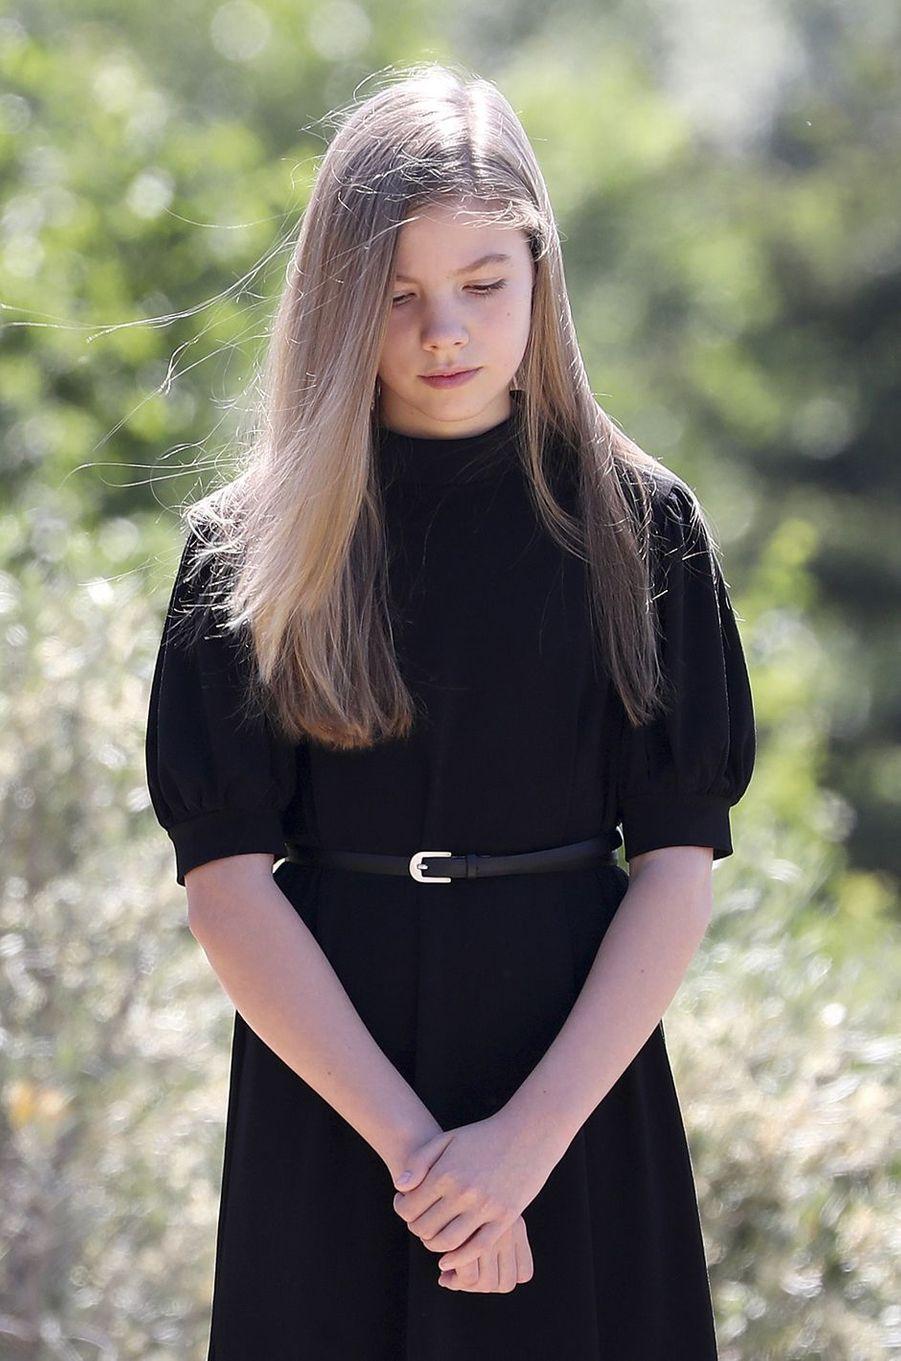 La princesse Sofia d'Espagne à Madrid, le 27 mai 2020